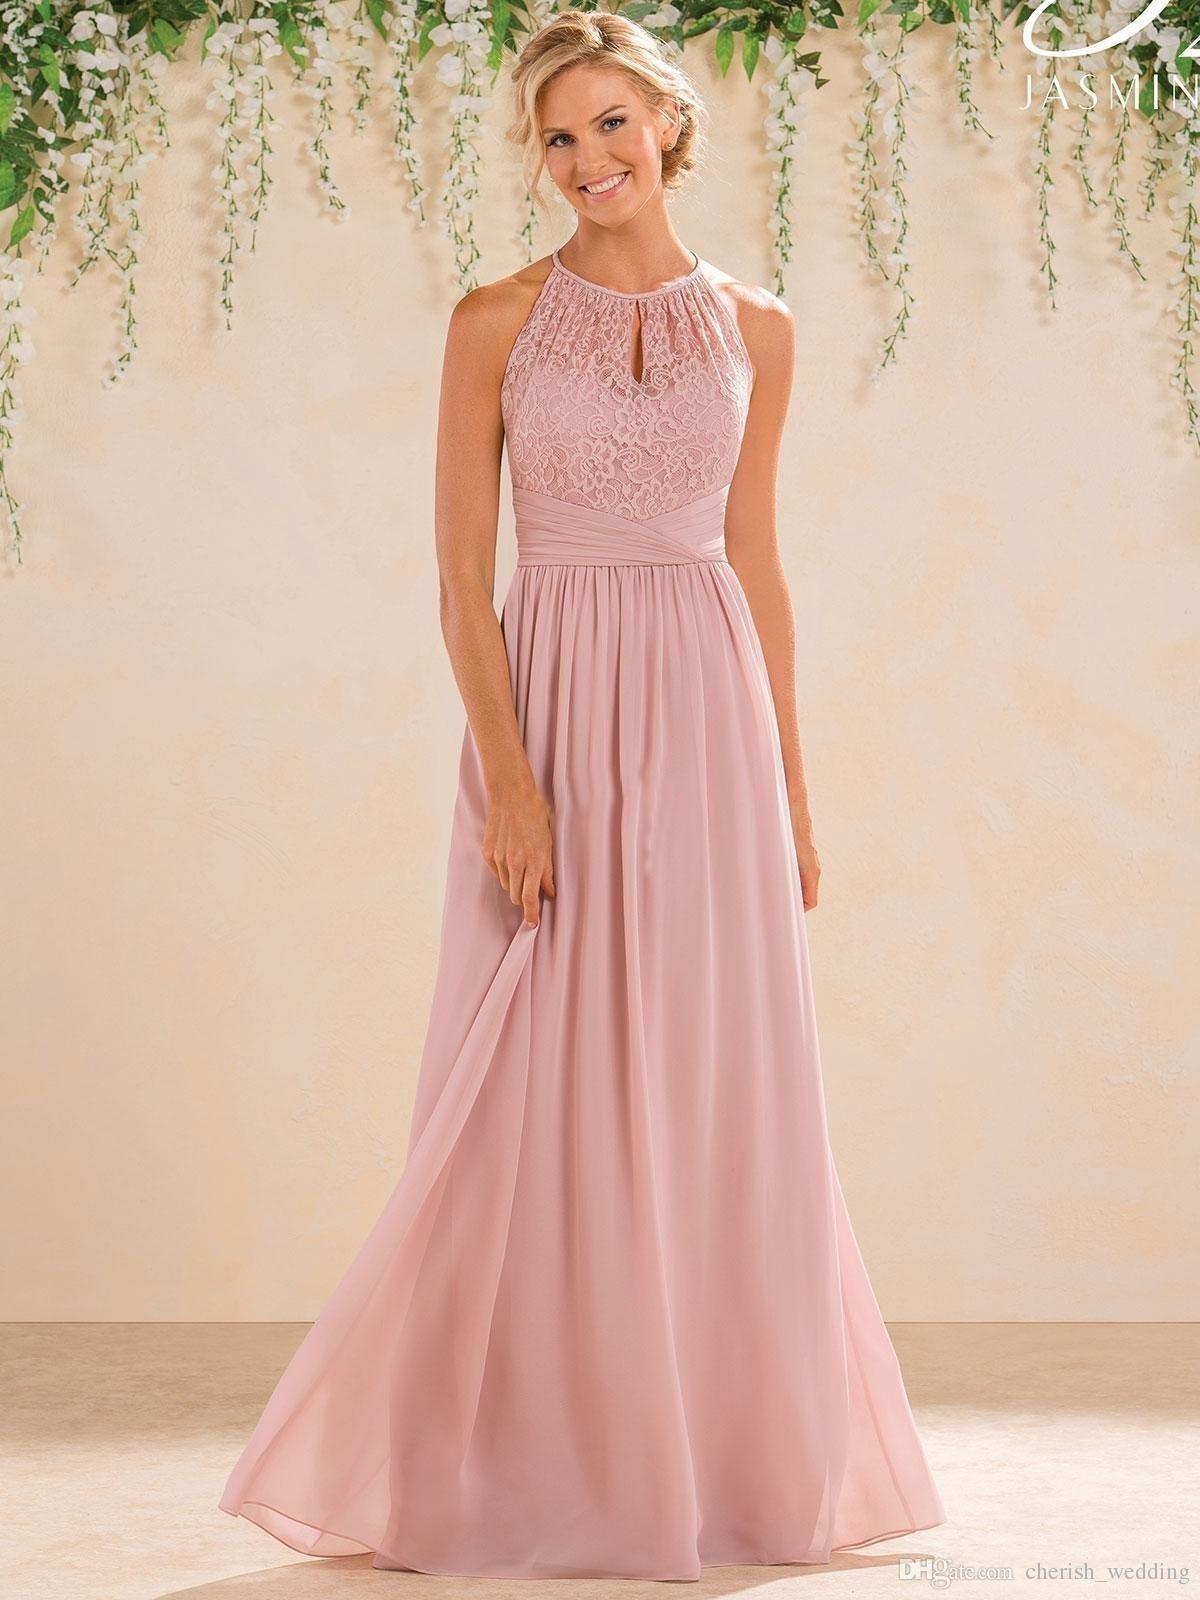 20 Top Abendkleider Hochzeitsgast Ärmel13 Ausgezeichnet Abendkleider Hochzeitsgast Design